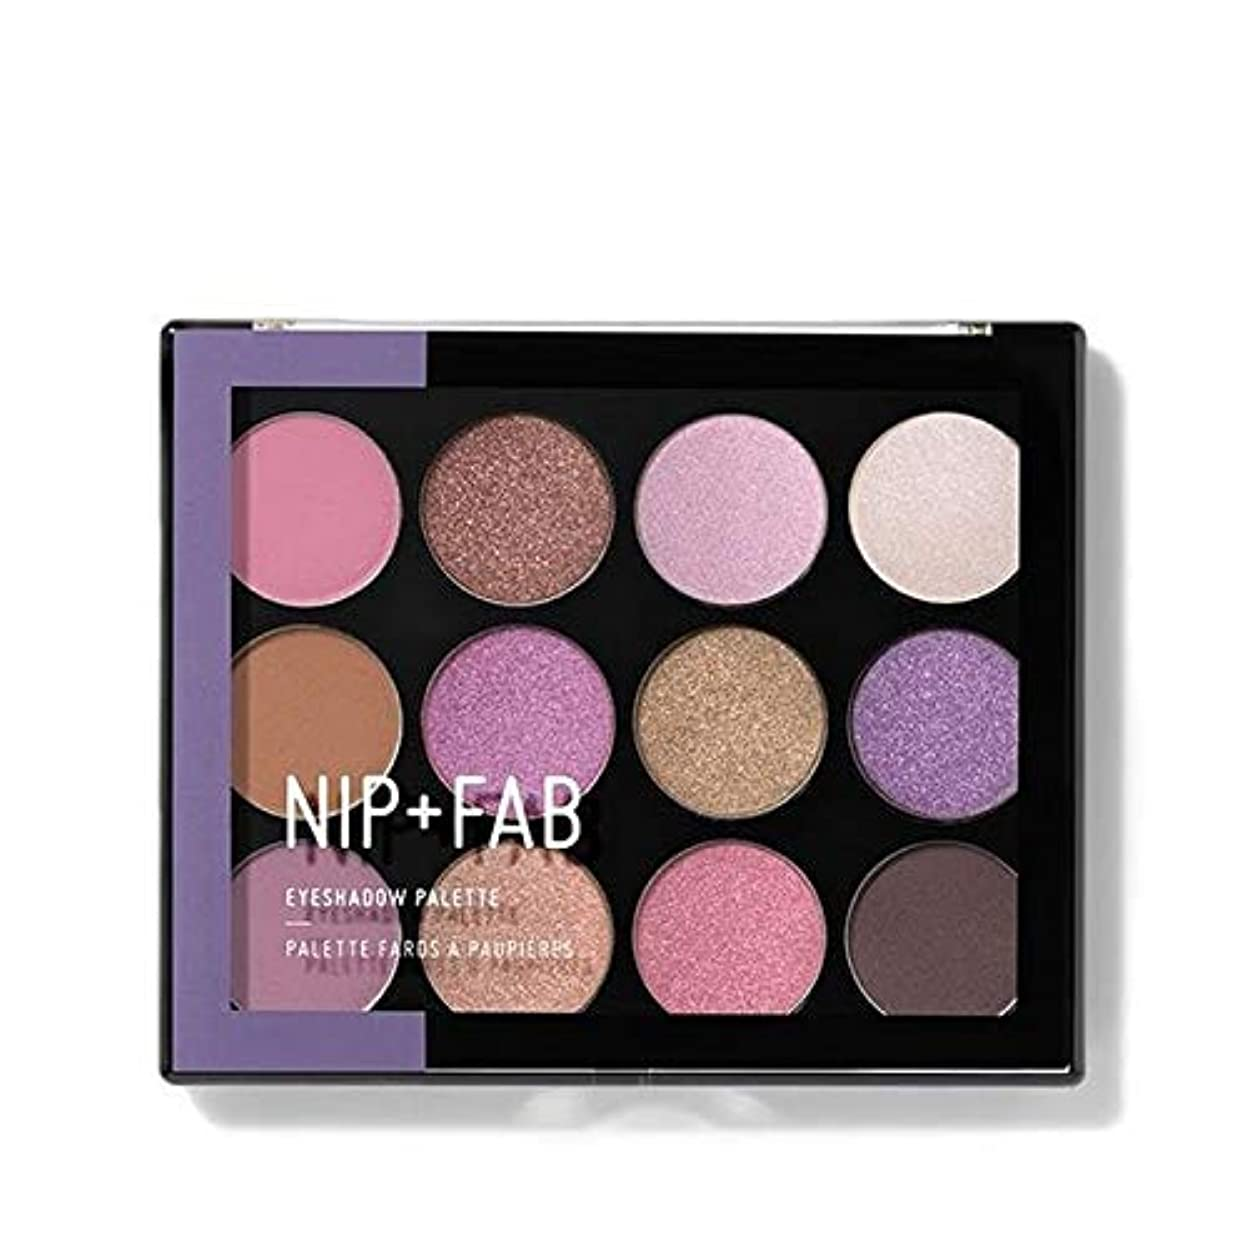 等価汚い興奮する[Nip & Fab ] アイシャドウパレット5を構成するFab +ニップ - NIP+FAB Make Up Eyeshadow Palette 5 [並行輸入品]